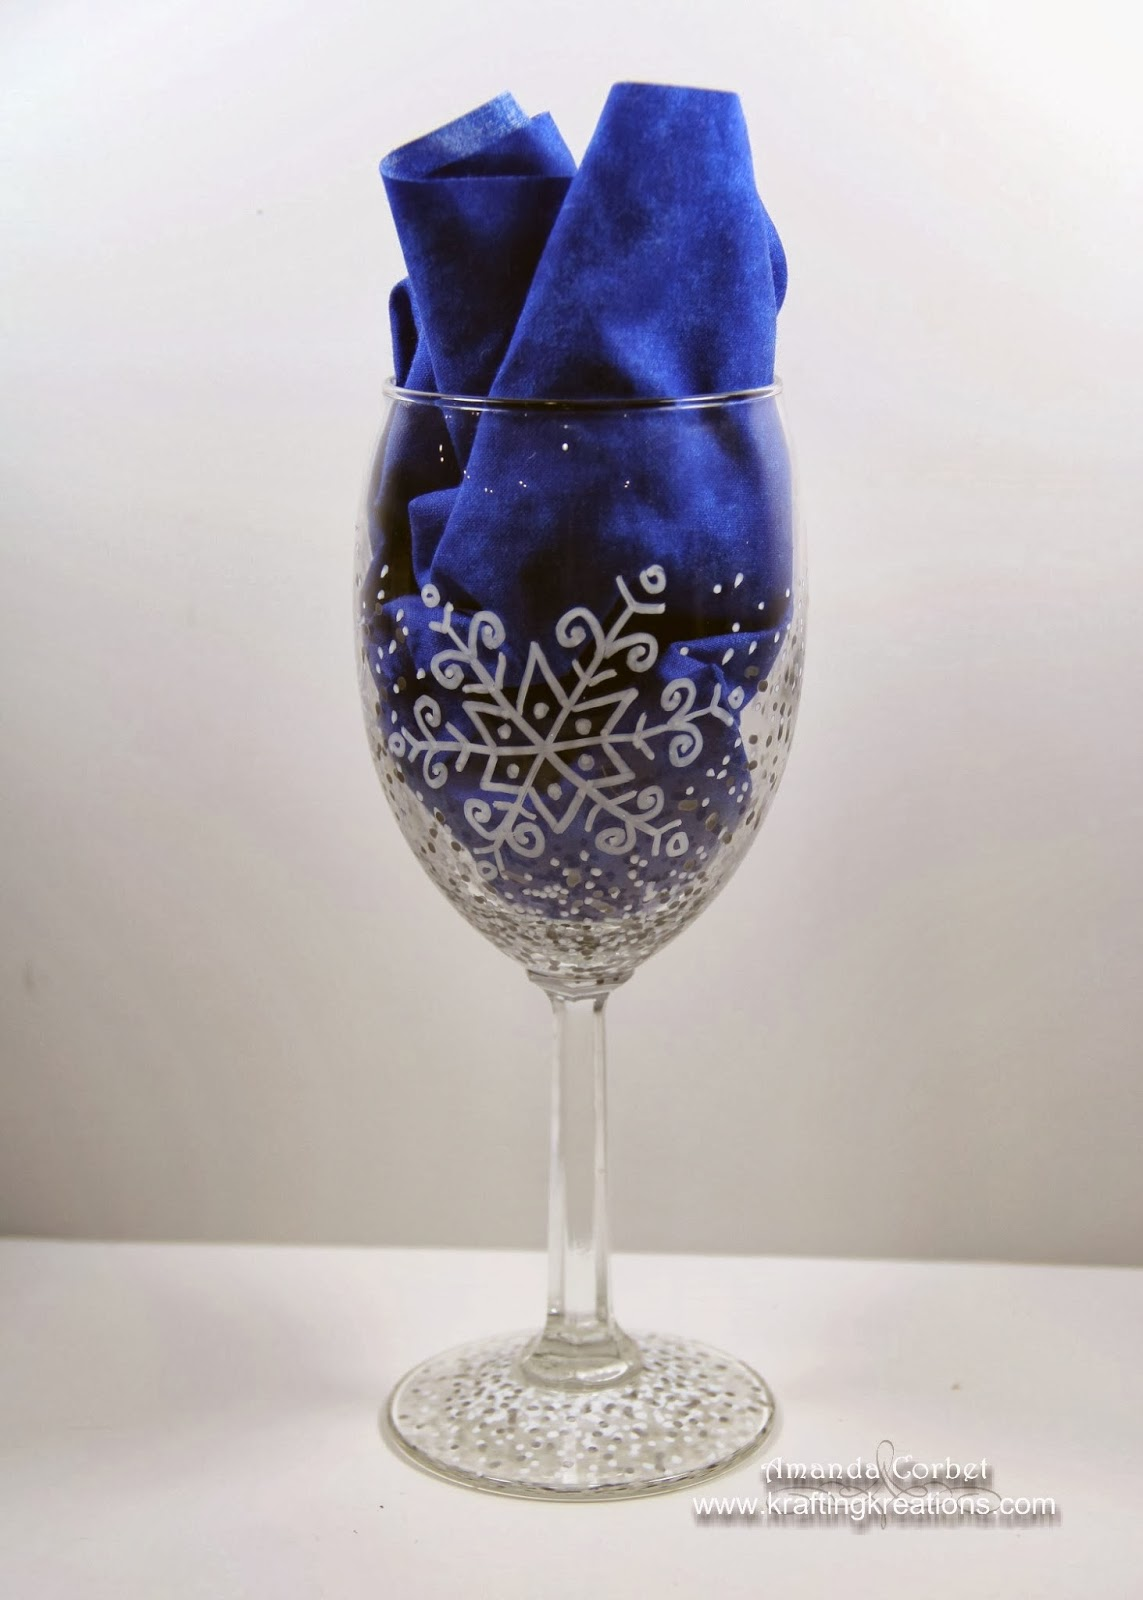 Krafting Kreations Diy Snowflake Wine Glasses